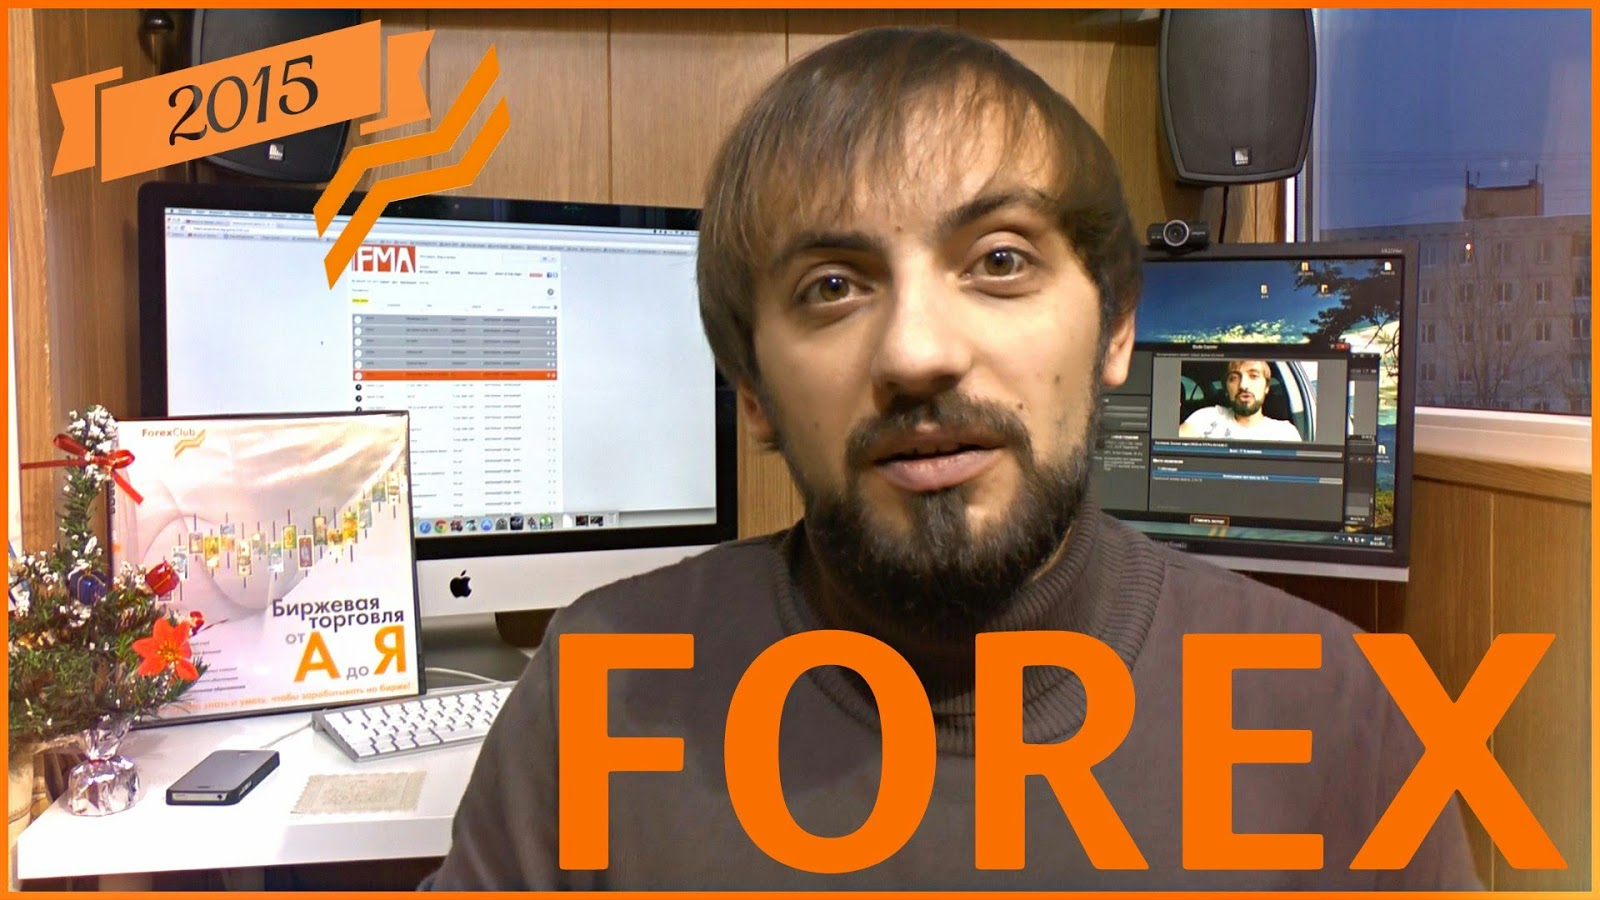 Форекс лохотрон 100 самый лутшый форекс индикатор